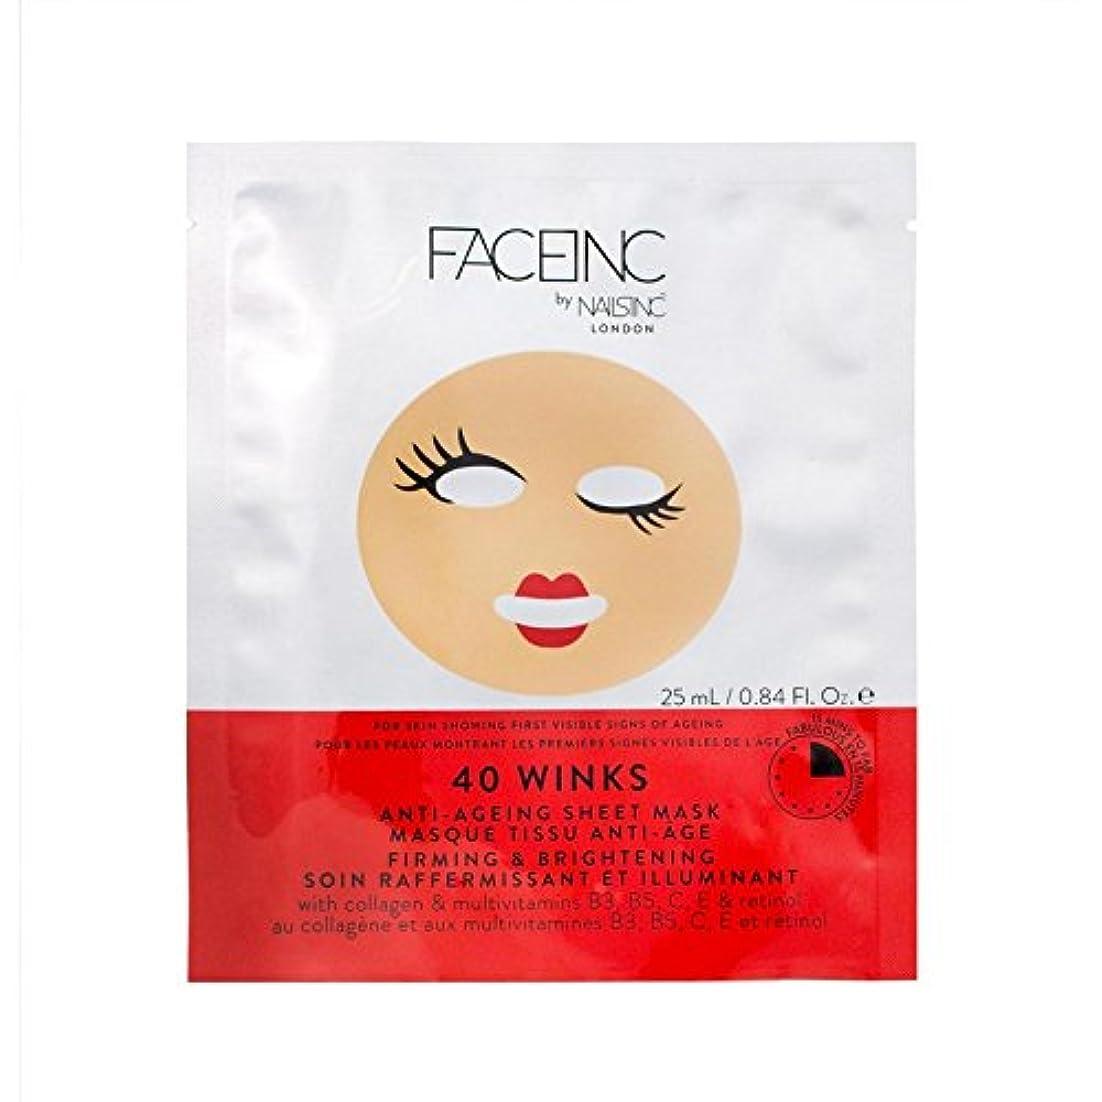 横たわるメニュー君主爪が株式会社顔株式会社40のウィンクは、マスク x4 - Nails Inc. Face Inc 40 Winks Mask (Pack of 4) [並行輸入品]